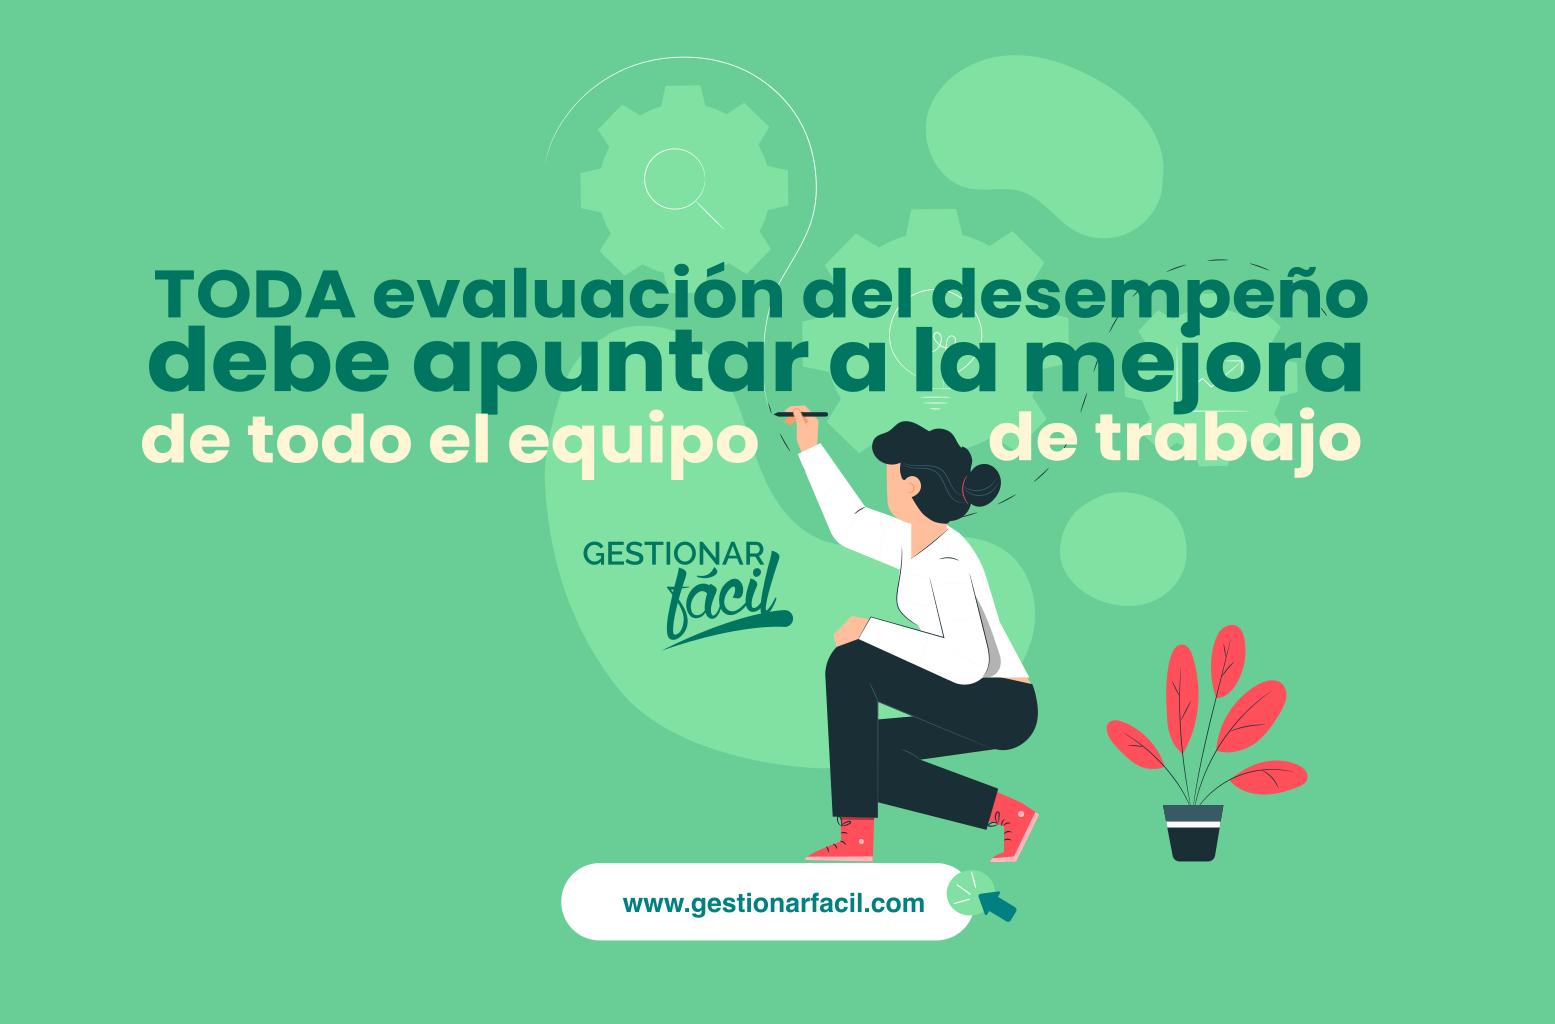 TODA evaluación del desempeño debe apuntar a la mejora de la persona y del equipo de trabajo.